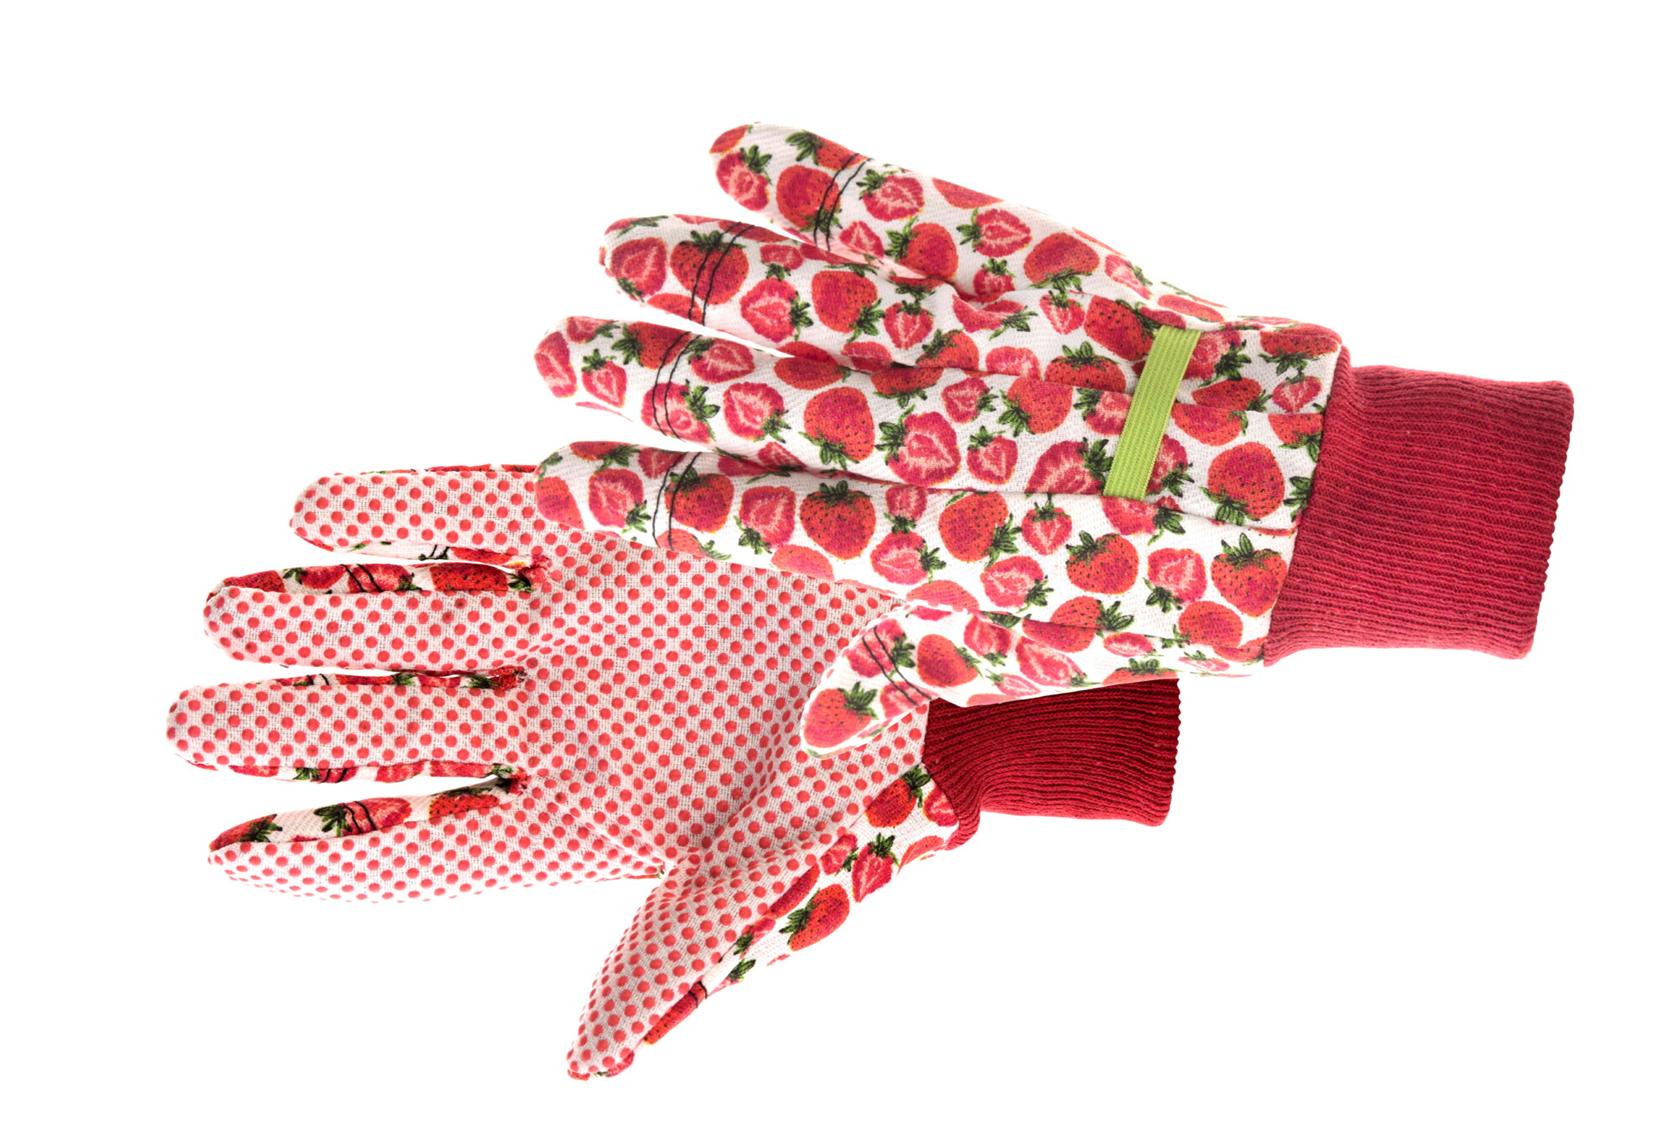 Handschoen Fresh Fruit maat 8 Rood/wit